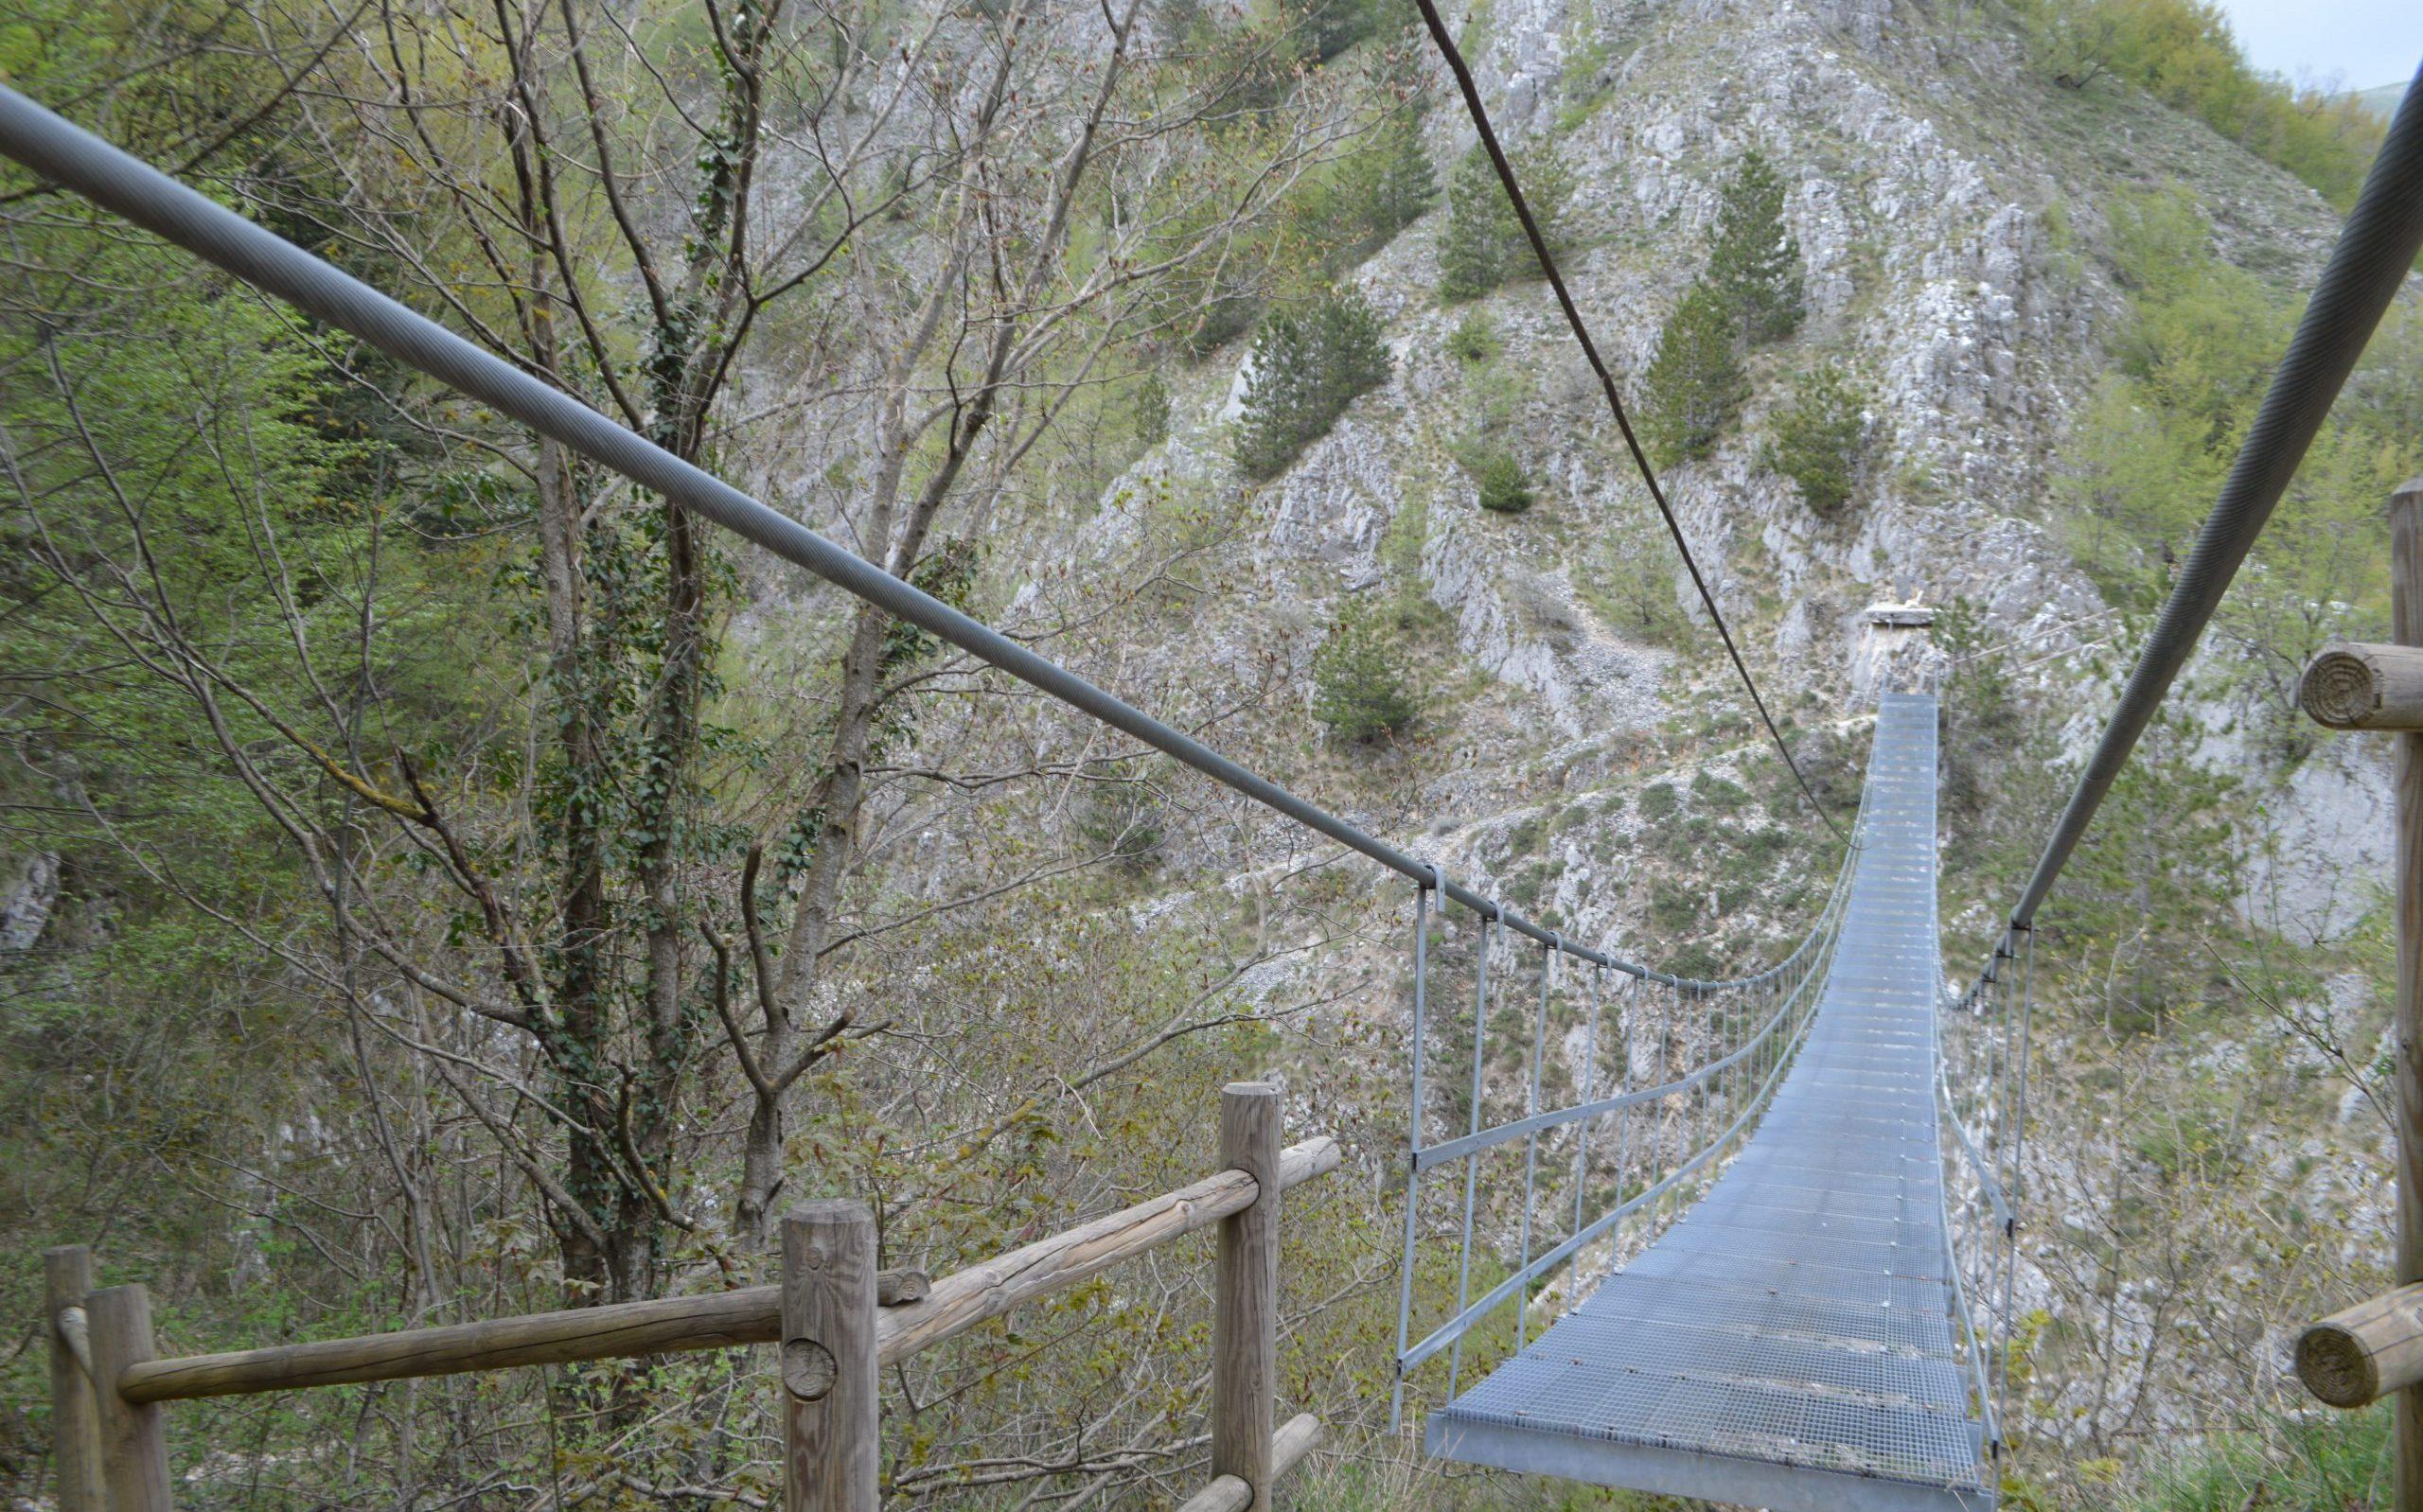 il ponte tibetano di Roccamandolfi